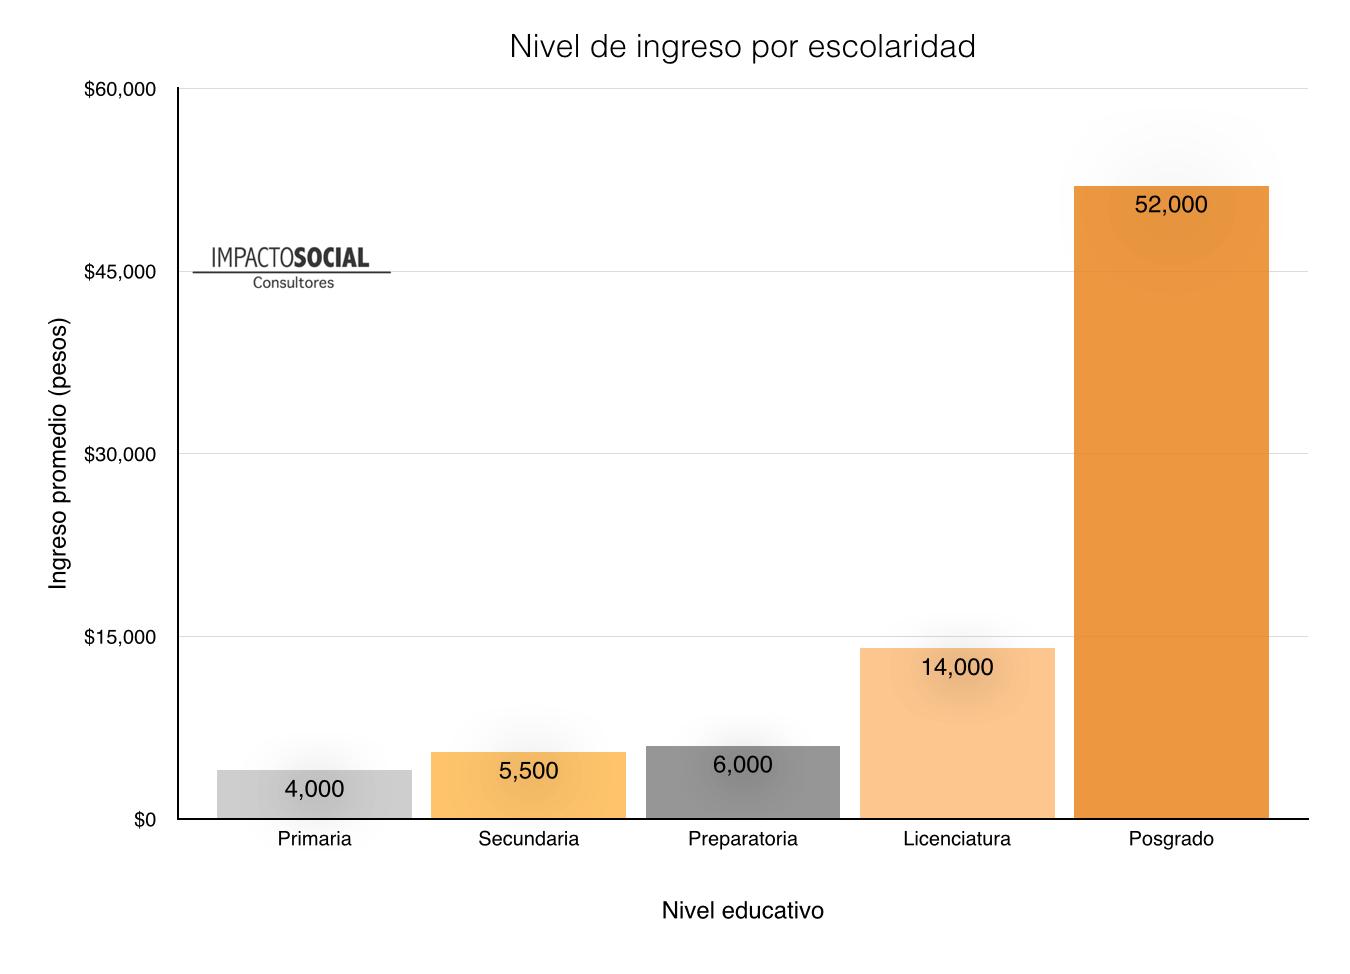 Fuente: Elaboración propia con datos de la OCDE.